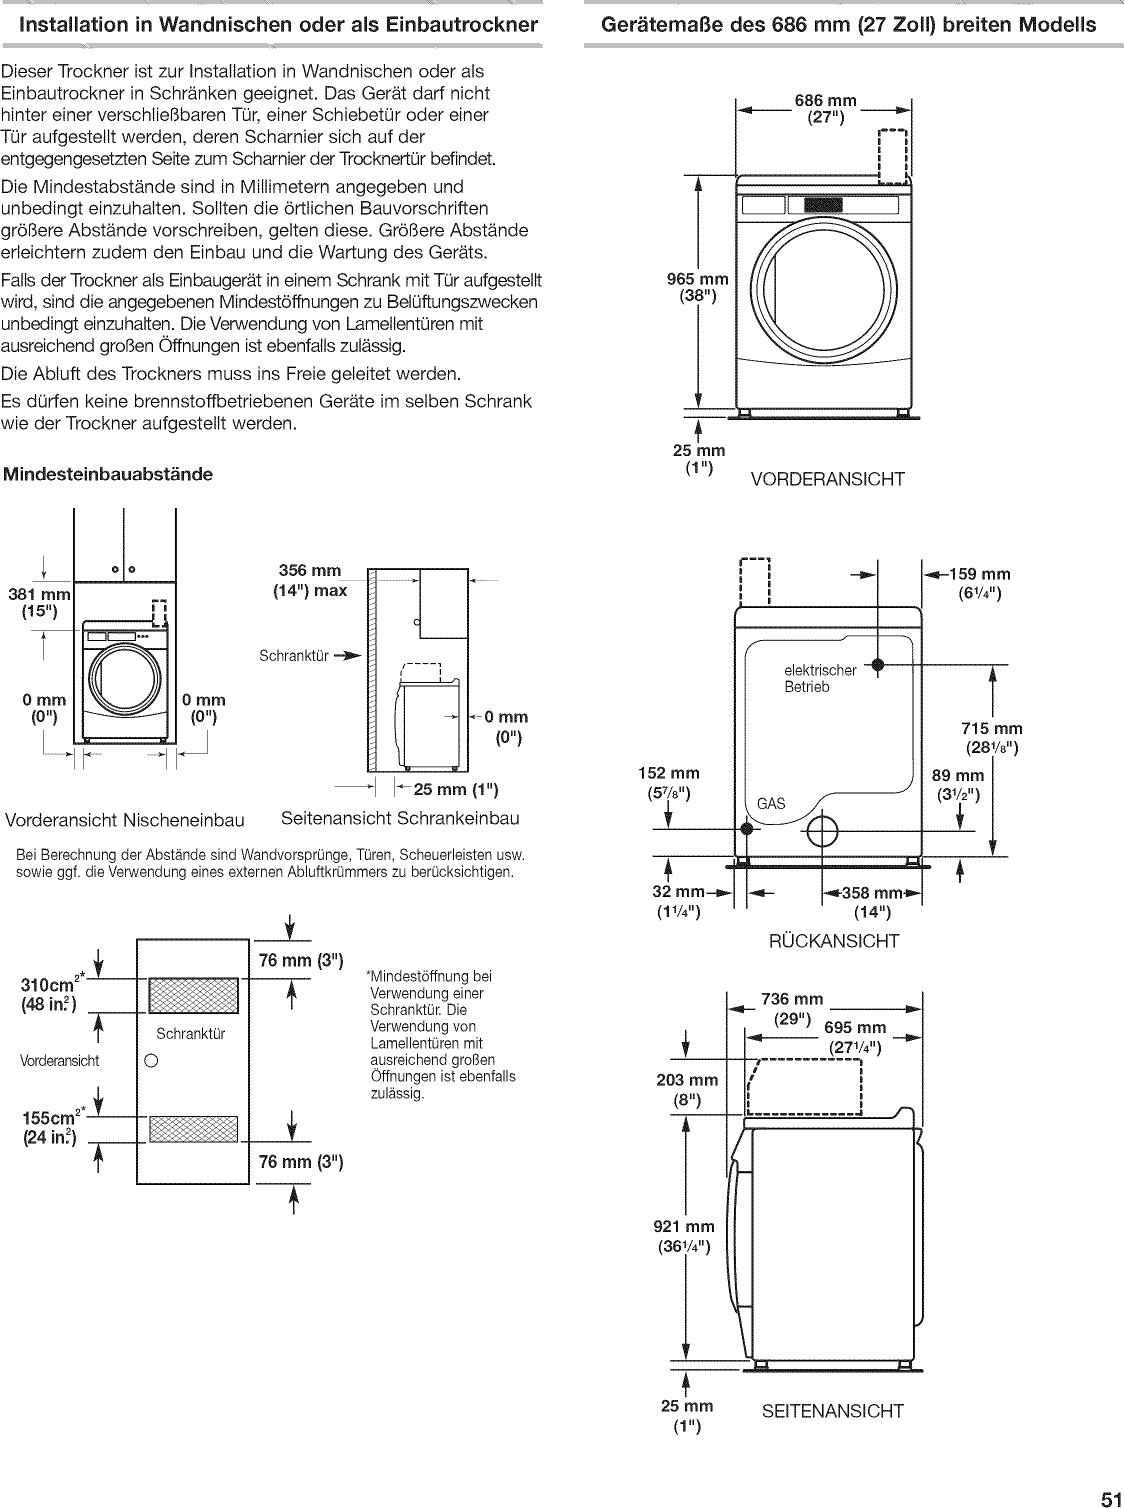 Ziemlich Roper Trockner Schaltplan Galerie - Die Besten Elektrischen ...